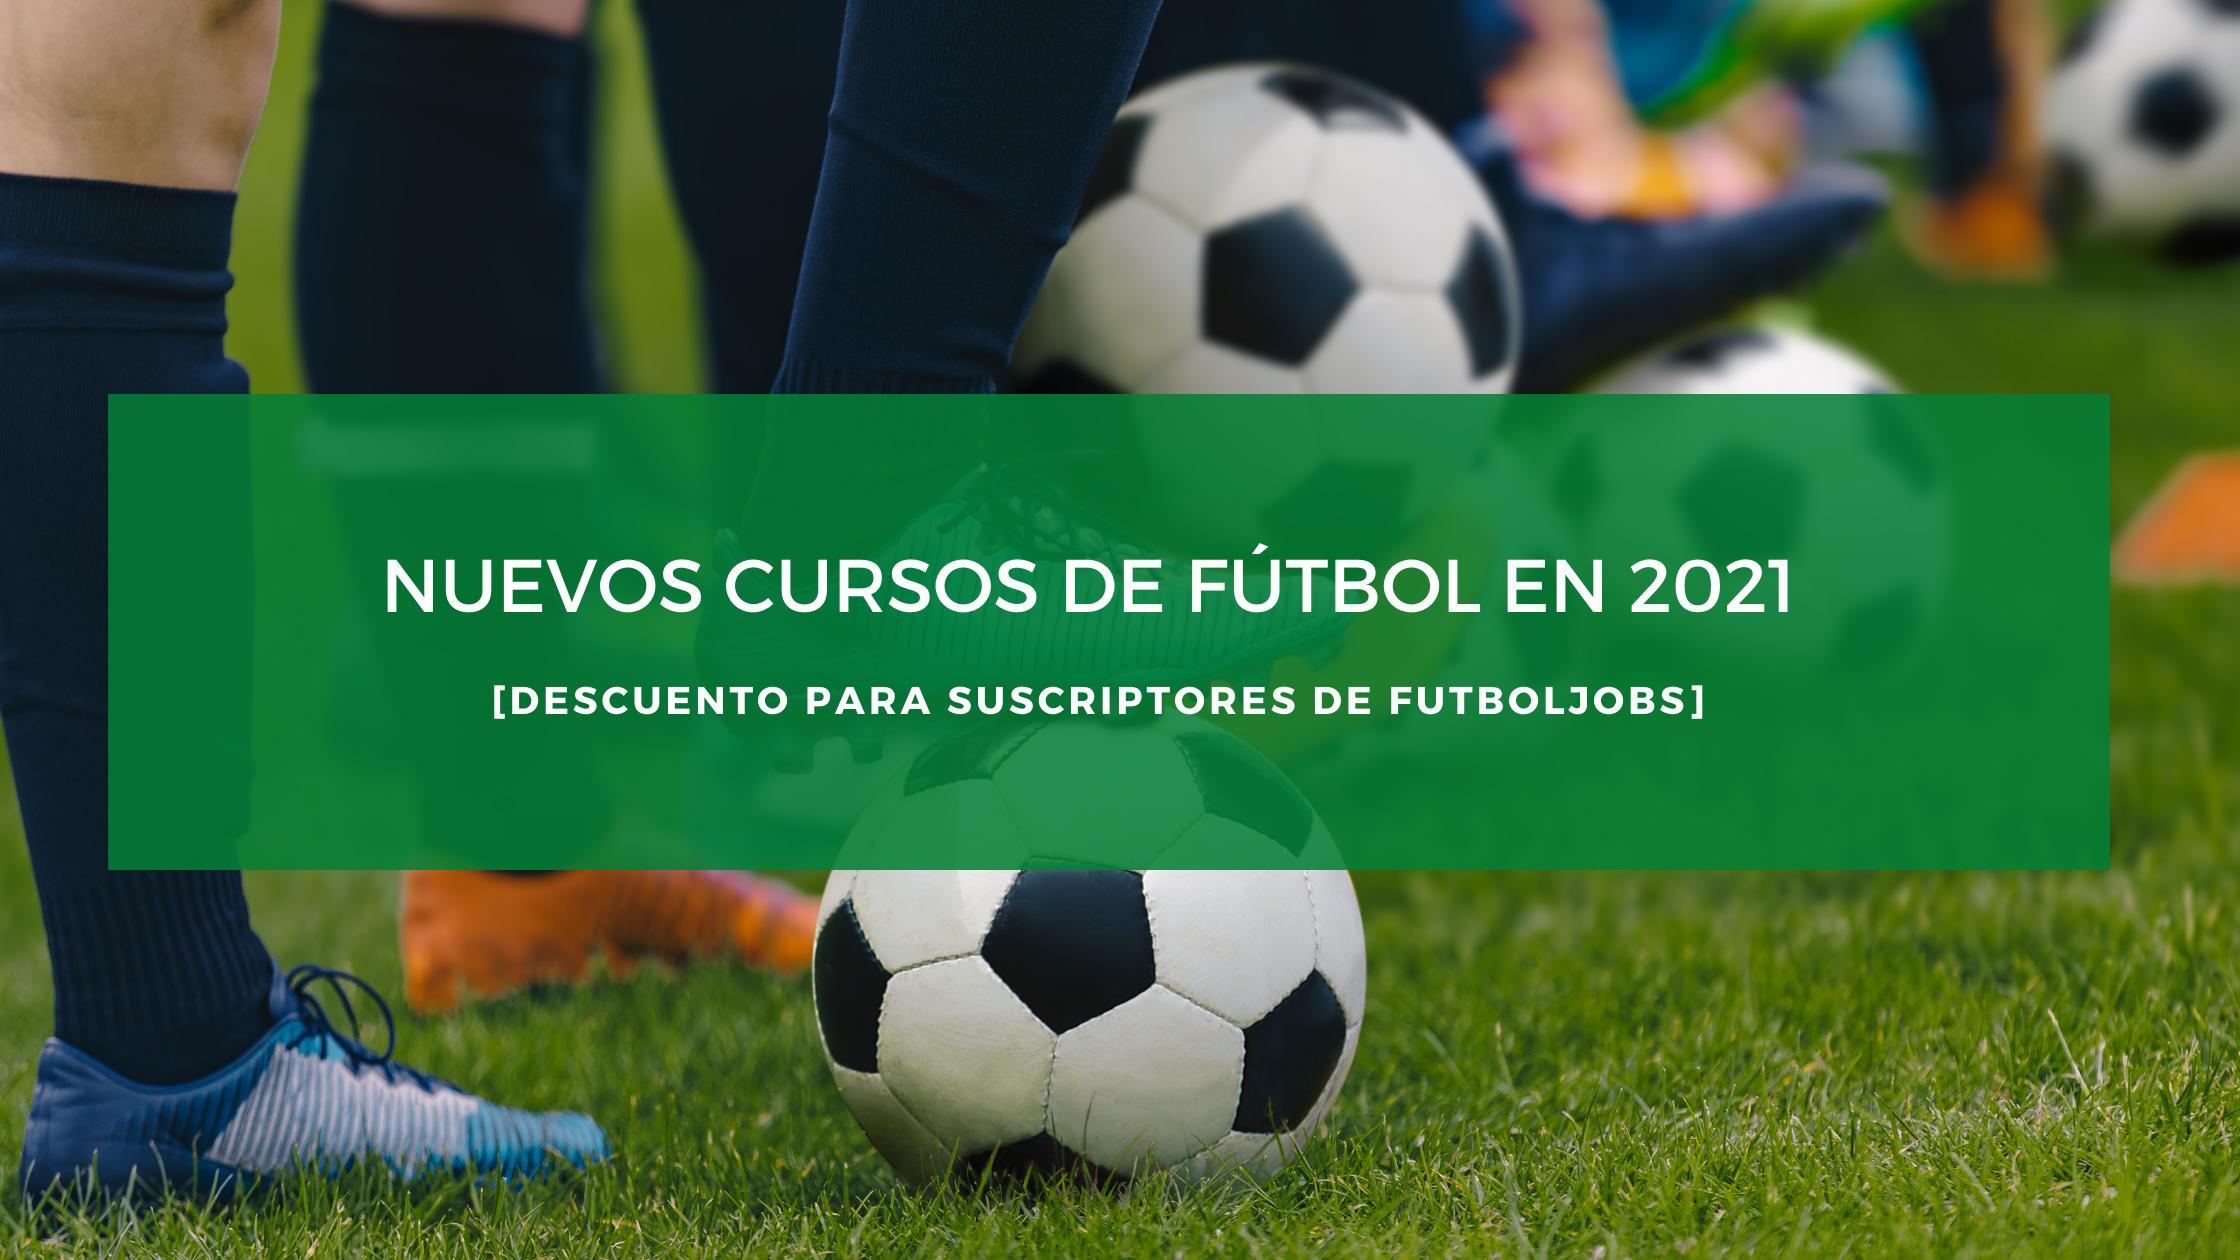 Nuevos cursos de fútbol 2021